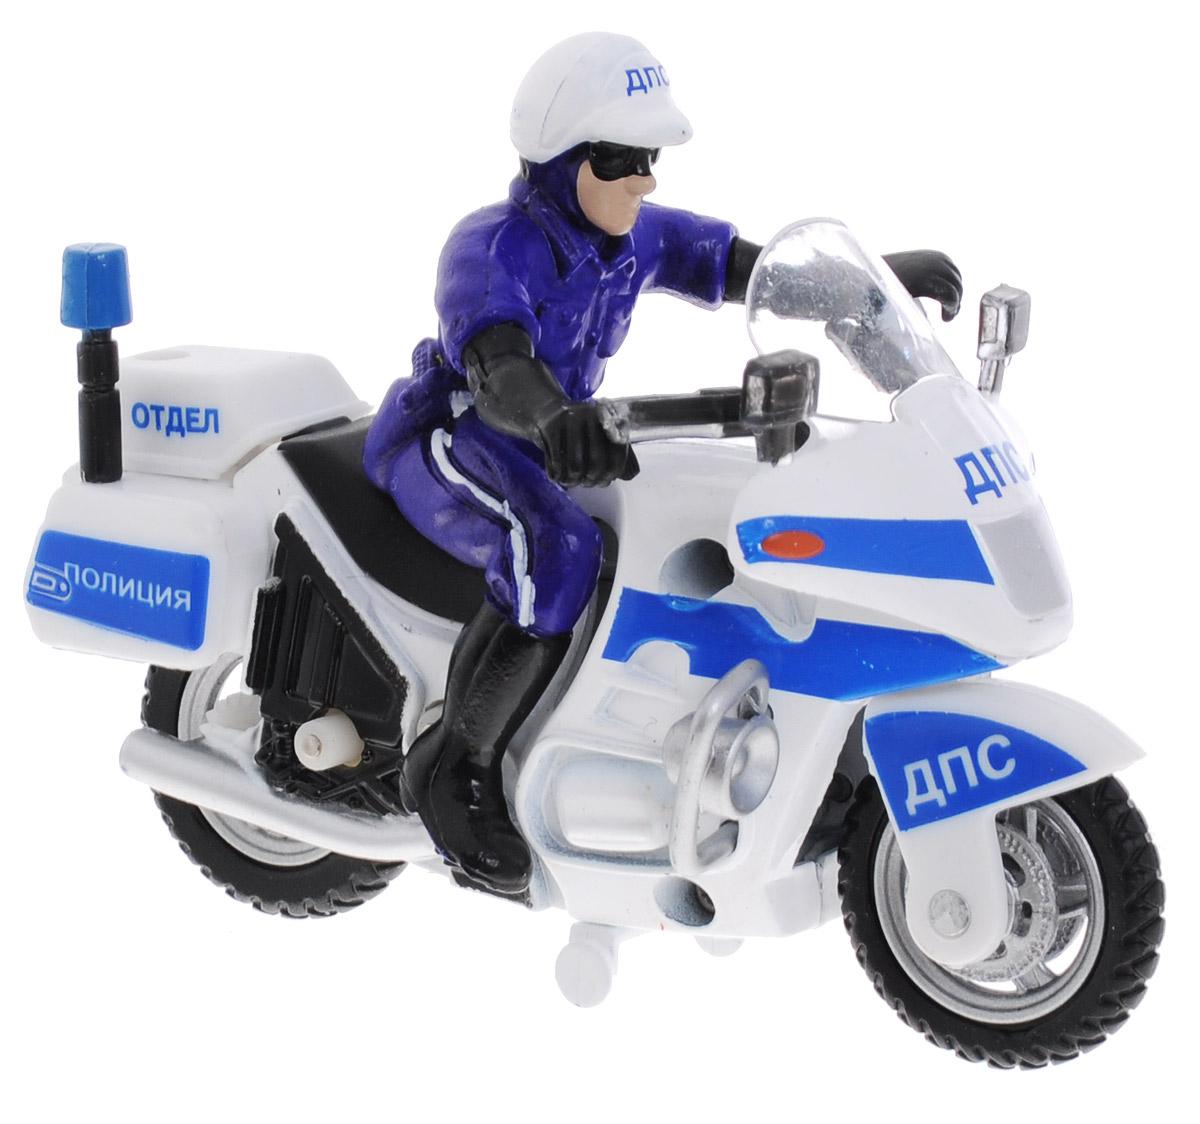 ТехноПарк Мотоцикл с фигуркой Полиция ДПС 8 отделCT-1247Мотоцикл с фигуркой ТехноПарк Полиция ДПС 8 отдел привлечет внимание вашего ребенка и не позволит ему скучать. Игрушка выполнена из пластика в виде полицейского мотоцикла с инспектором ДПС. Игрушка оснащена инерционным механизмом: стоит откатить мотоцикл назад, затем отпустить - он поедет вперед. Ребенок с удовольствием будет играть с этой игрушкой, придумывая разные истории. Порадуйте его таким замечательным подарком!